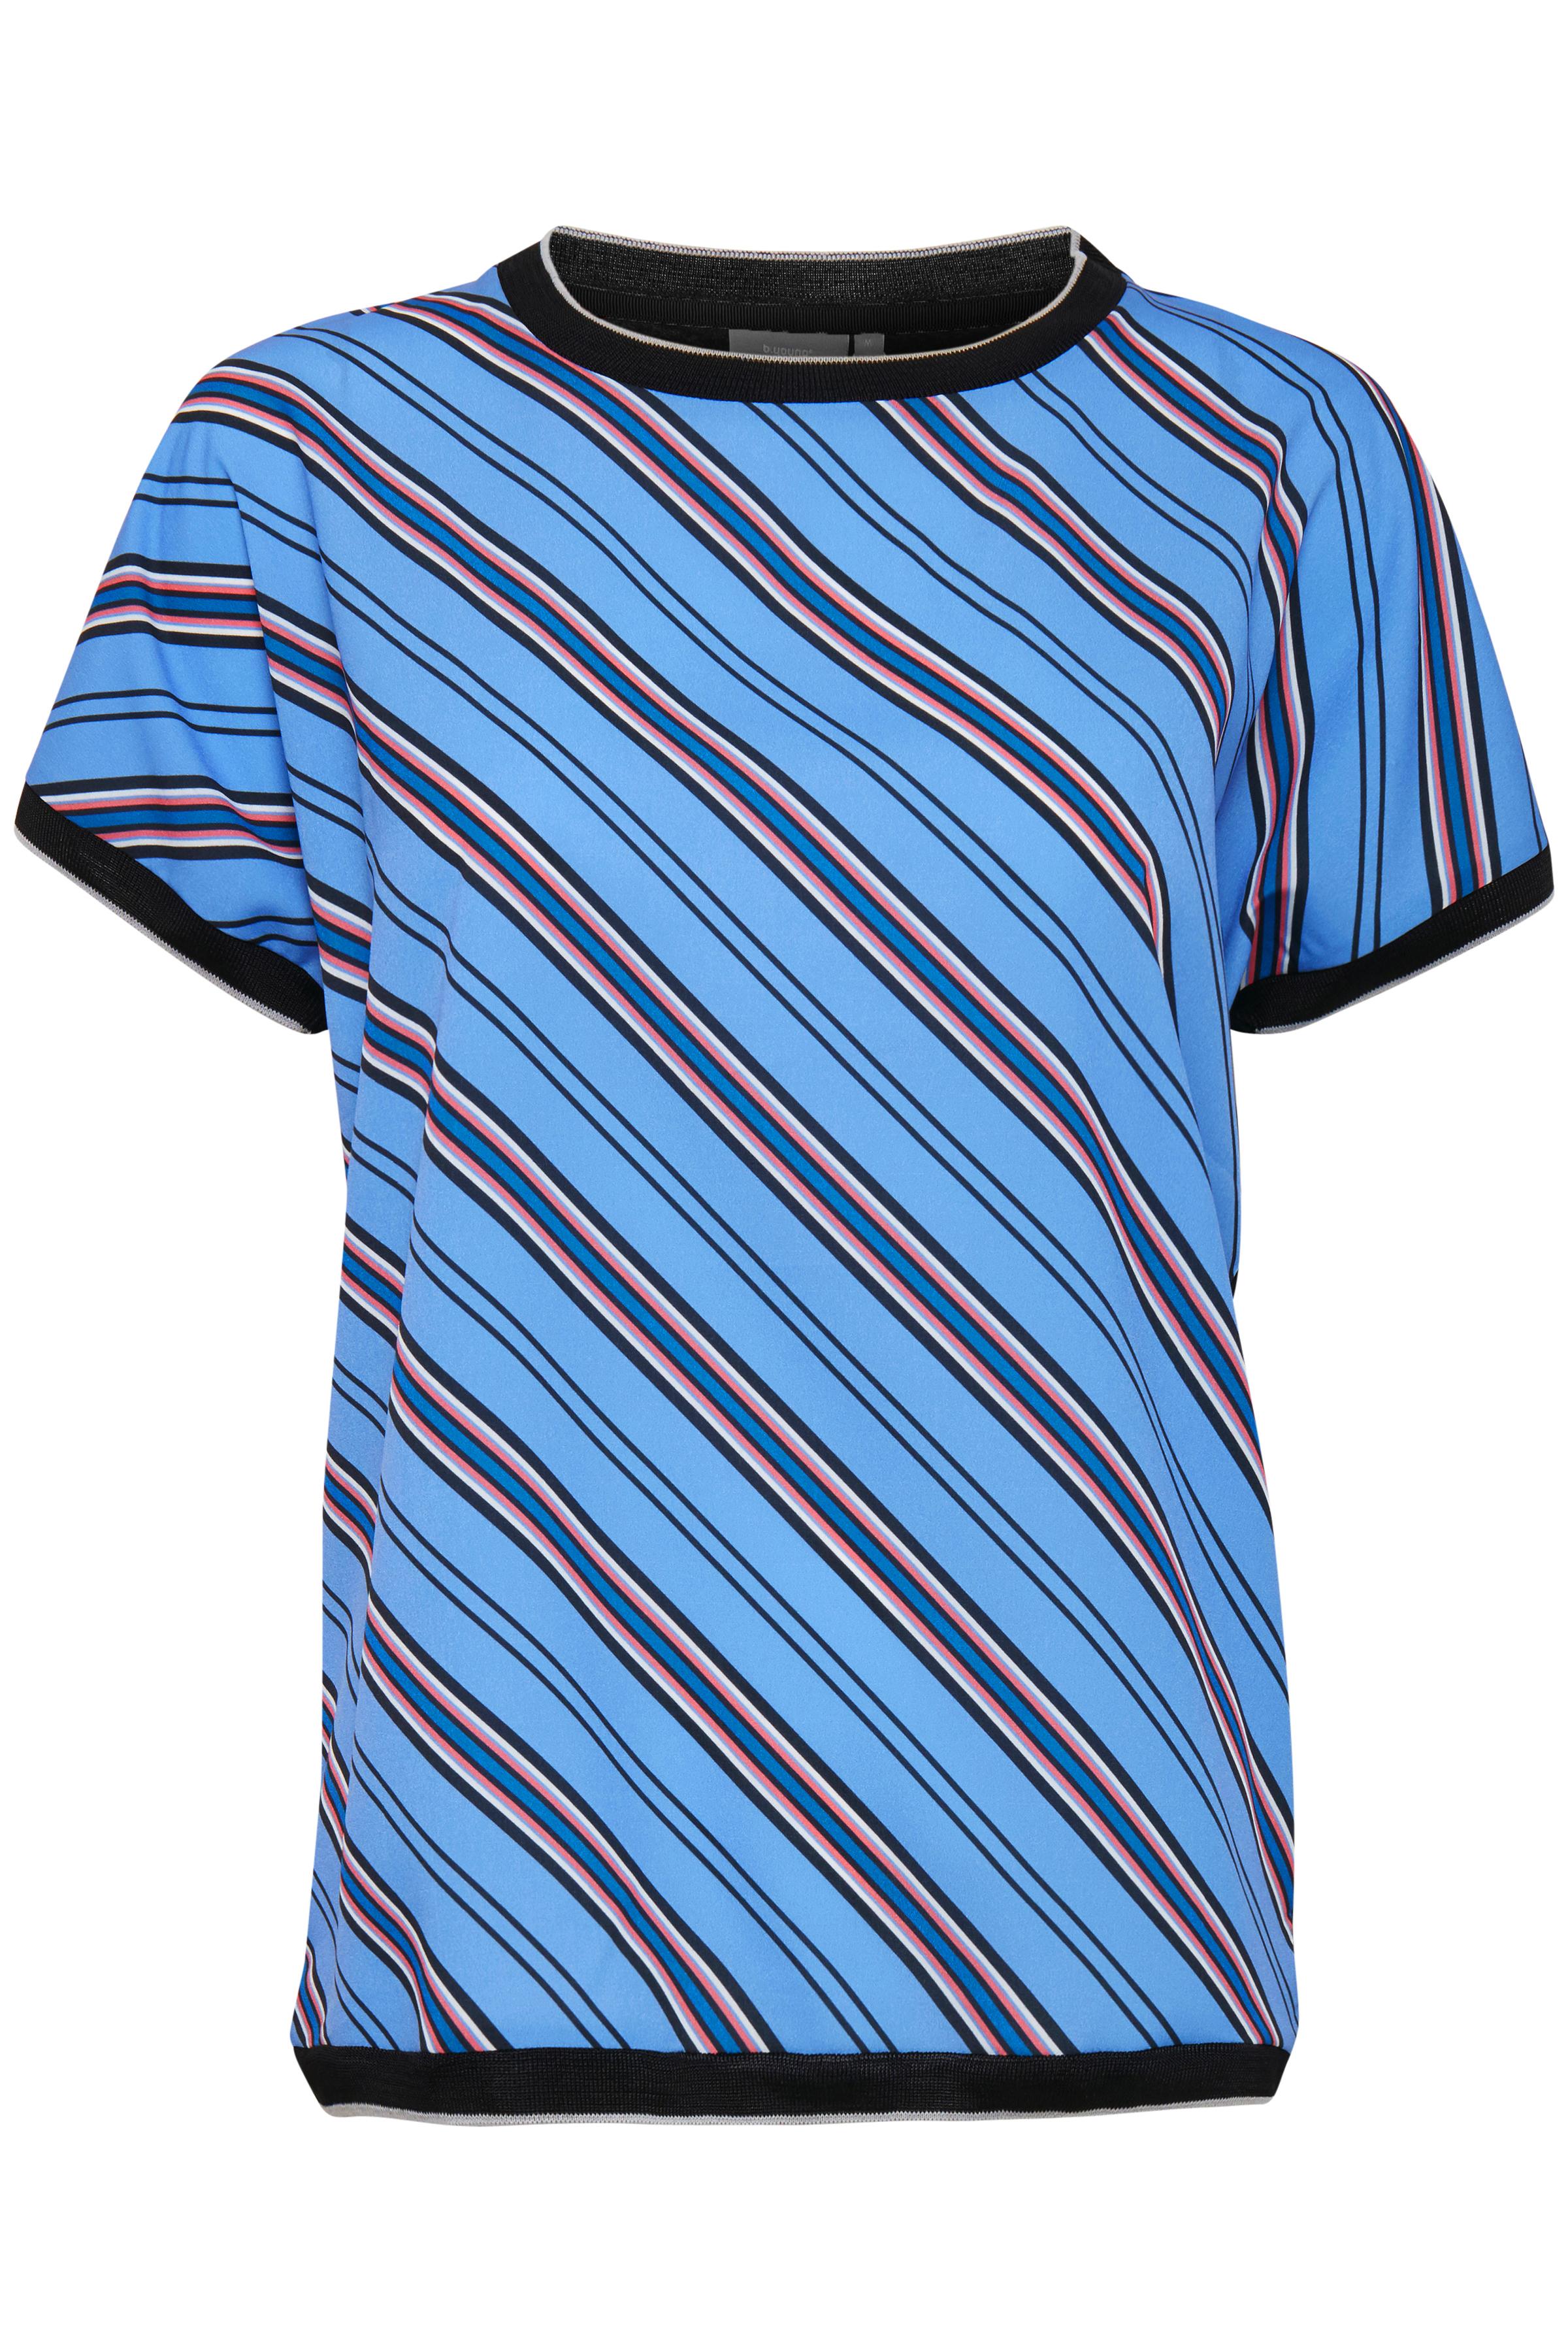 Image of b.young Dame Kortærmet T-shirt - Støvet blå/marineblå